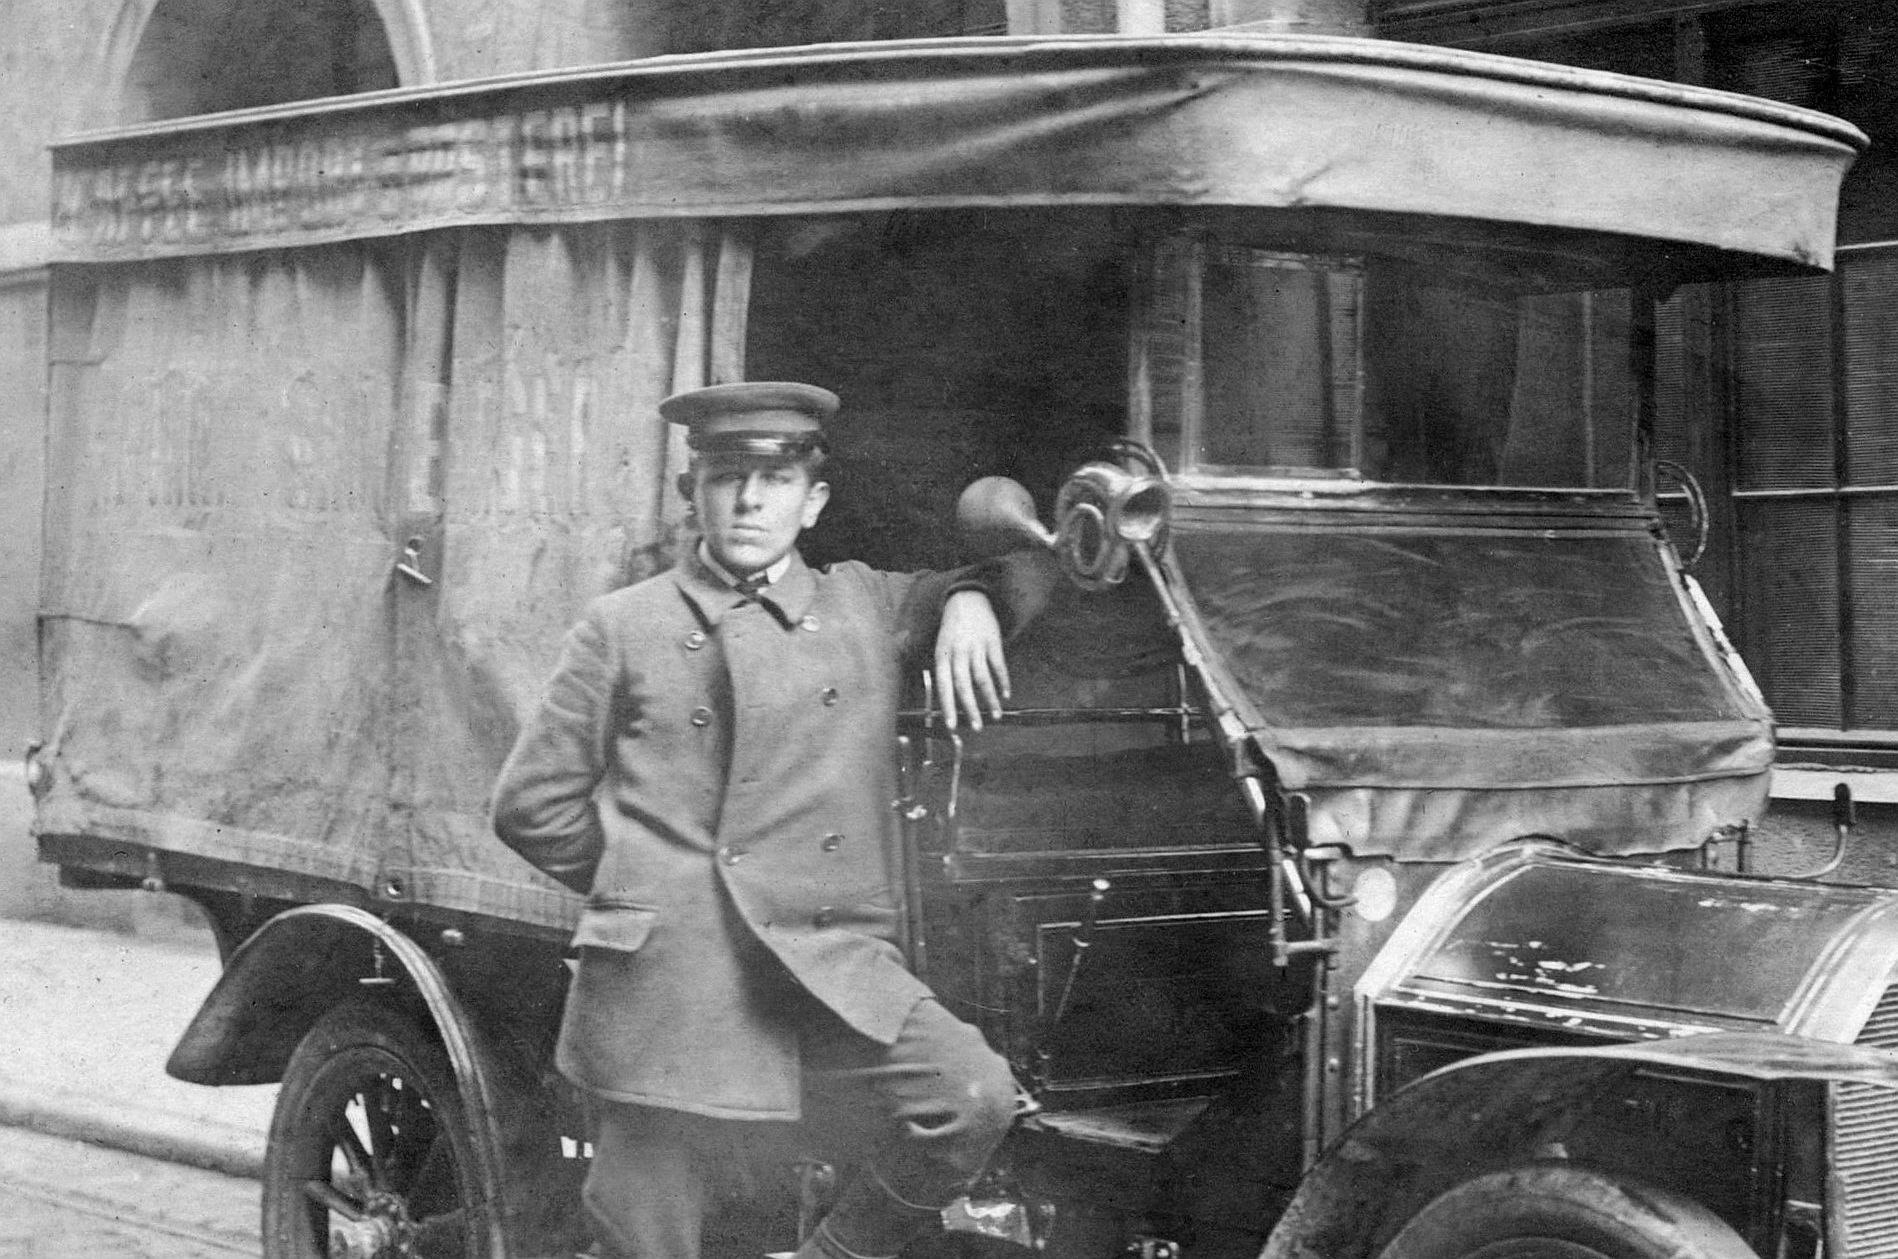 Peugeot_120_oder_122_1908-1910_Berlin_Seitenpartie